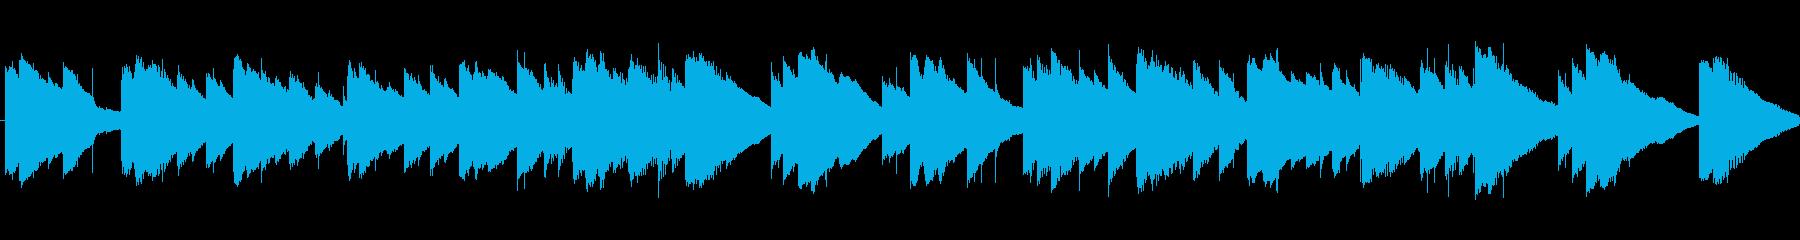 鉄琴が幻想的に鳴ります。の再生済みの波形